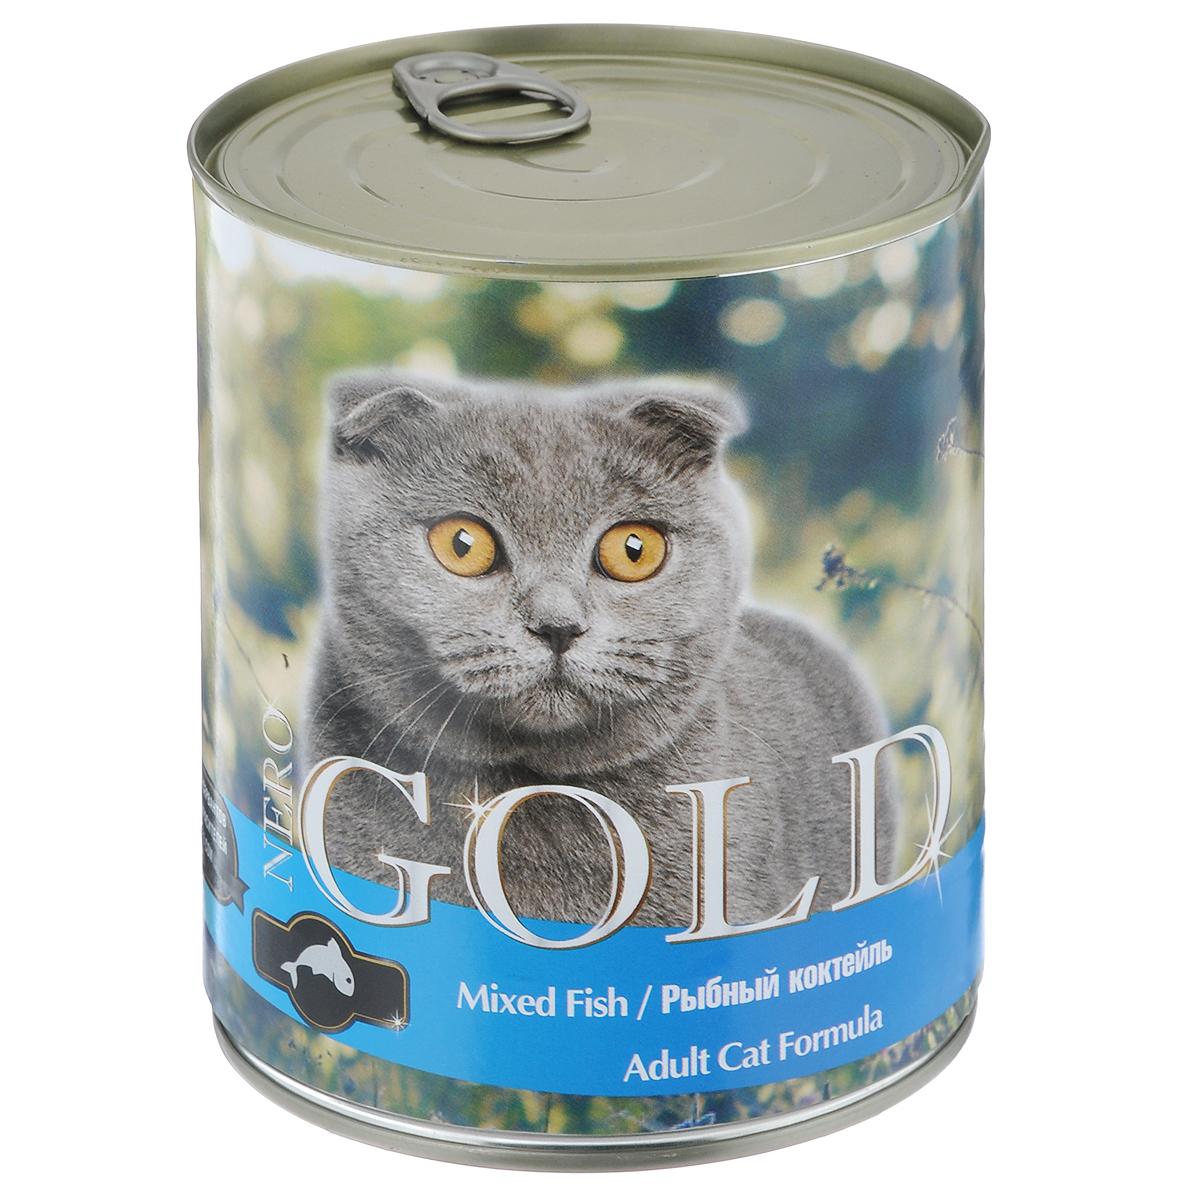 Консервы для кошек Nero Gold, рыбный коктейль, 810 г20255Консервы для кошек Nero Gold - полнорационный продукт, содержащий все необходимые витамины и минералы, сбалансированный для поддержания оптимального здоровья вашего питомца! Состав: мясо и его производные, филе курицы, филе рыбы, злаки, витамины и минералы. Гарантированный анализ: белки 6%, жиры 4,5%, клетчатка 0,5%, зола 2%, влага 81%.Пищевые добавки на 1 кг продукта: витамин А 1600 МЕ, витамин D 140 МЕ, витамин Е 10 МЕ, таурин 300 мг, железо 24 мг, марганец 6 мг, цинк 15 мг, медь 1 мг, магний 200 мг, йод 0,3 мг, селен 0,2 мг.Вес: 810 г. Товар сертифицирован.